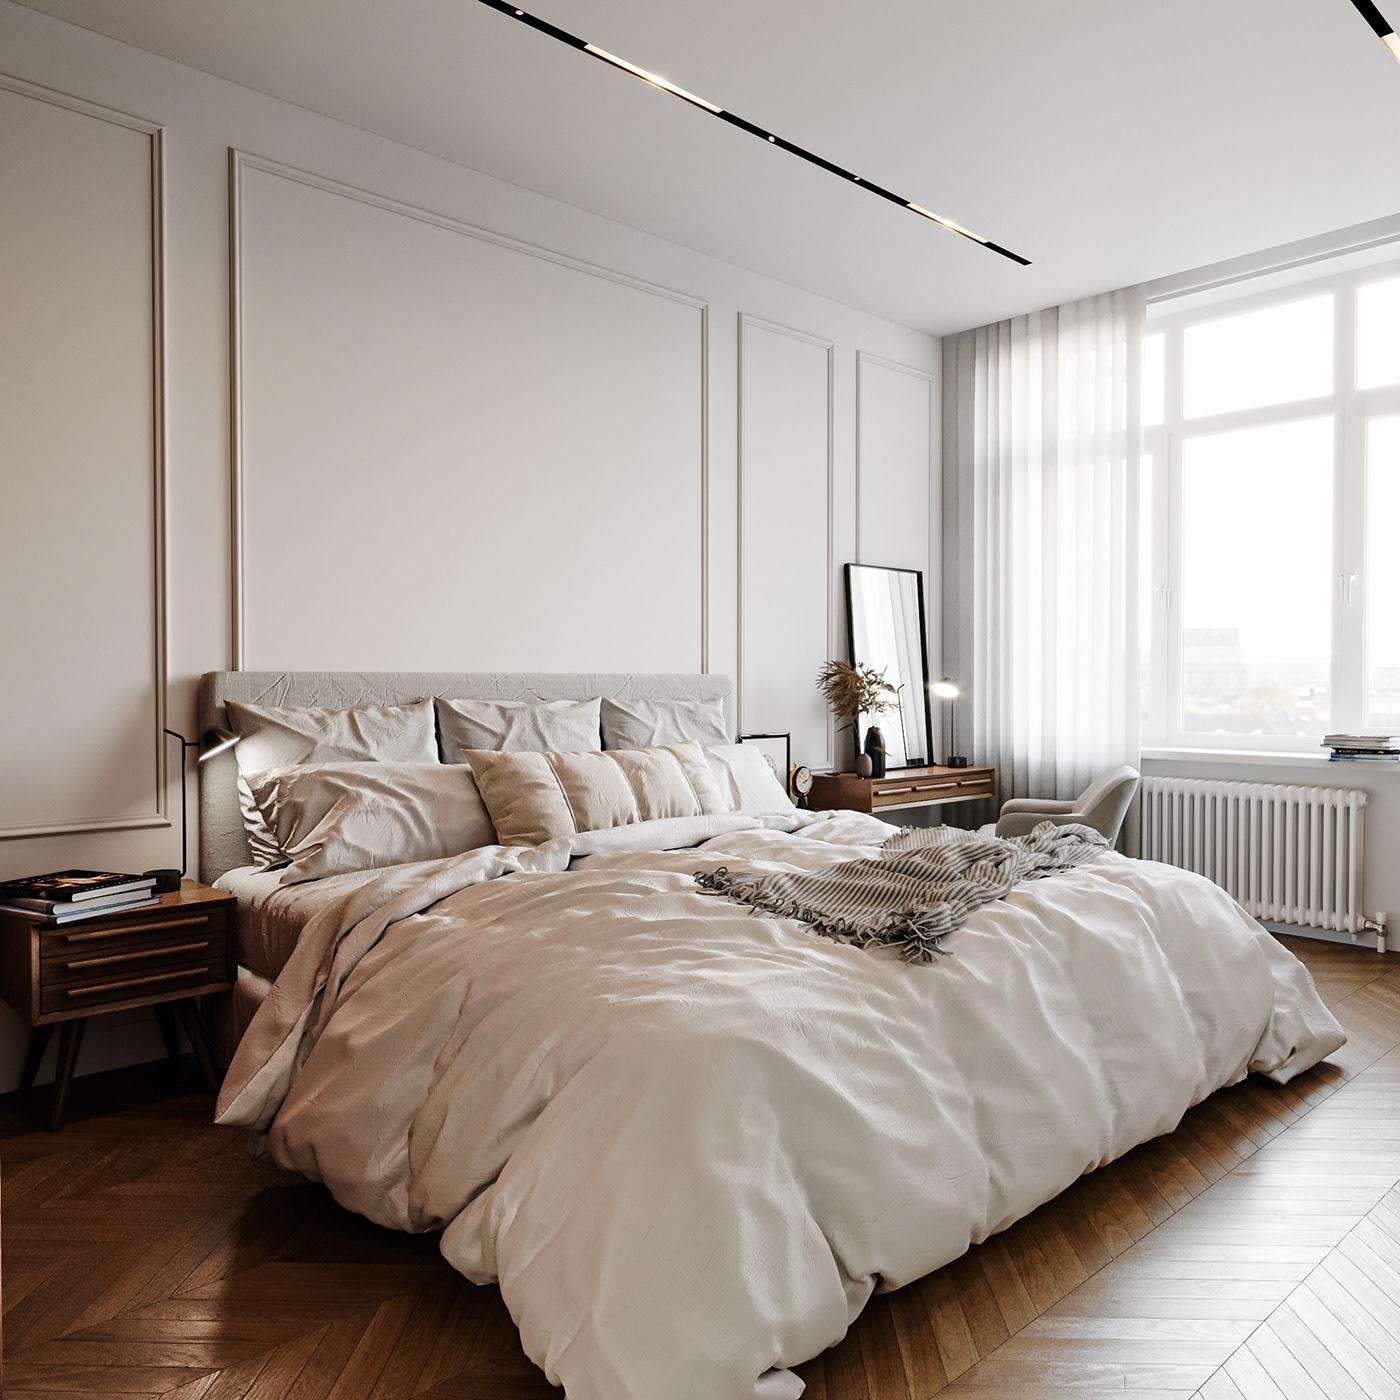 Kiến trúc sư tư vấn thiết kế căn hộ 67m² dành cho cô gái độc thân chi phí 98,3 triệu đồng  - Ảnh 9.